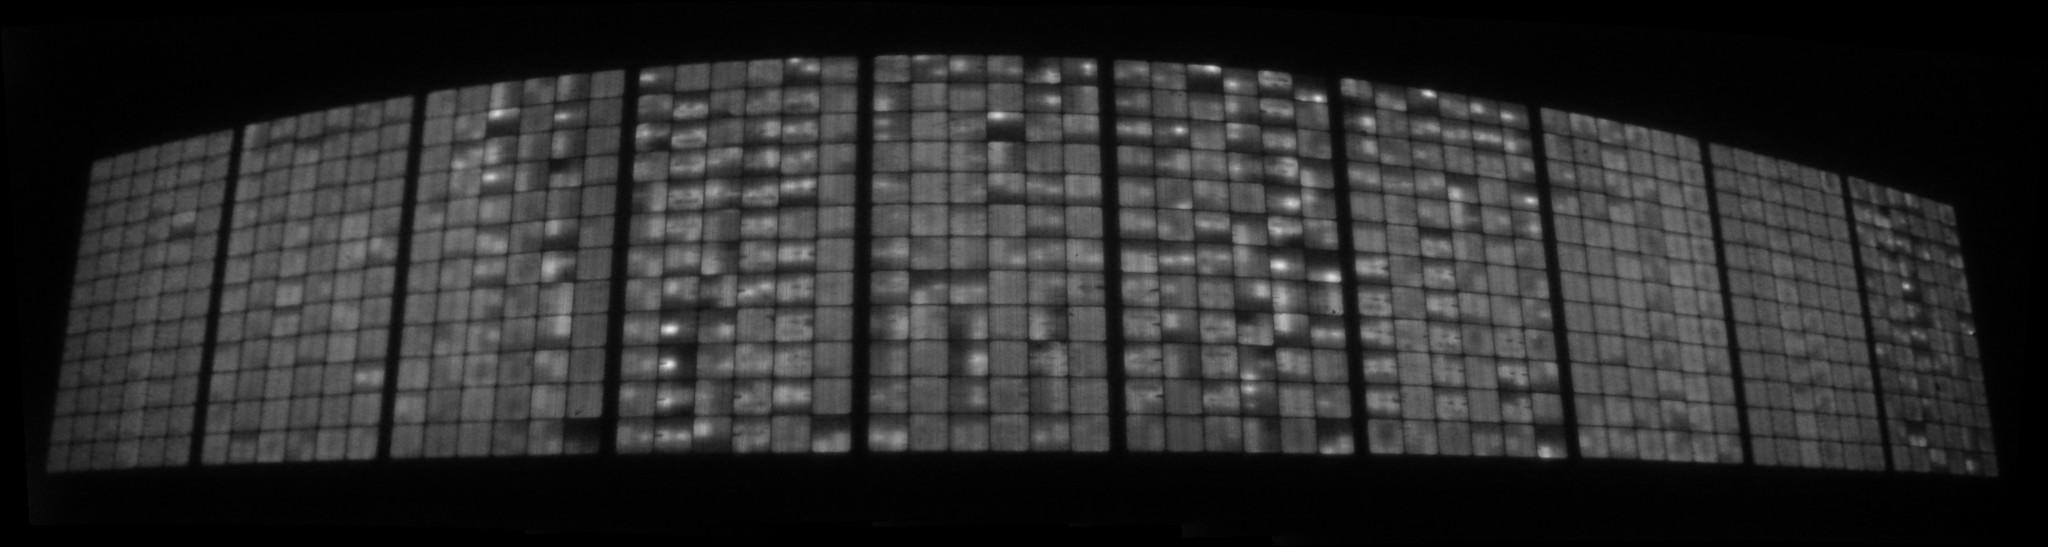 Das Bild zeigt die Elektrolumineszenzaufnahme eines Modulstranges, dessen Dunkelkennlinie eine deutliche Auffälligkeit gezeigt hat.